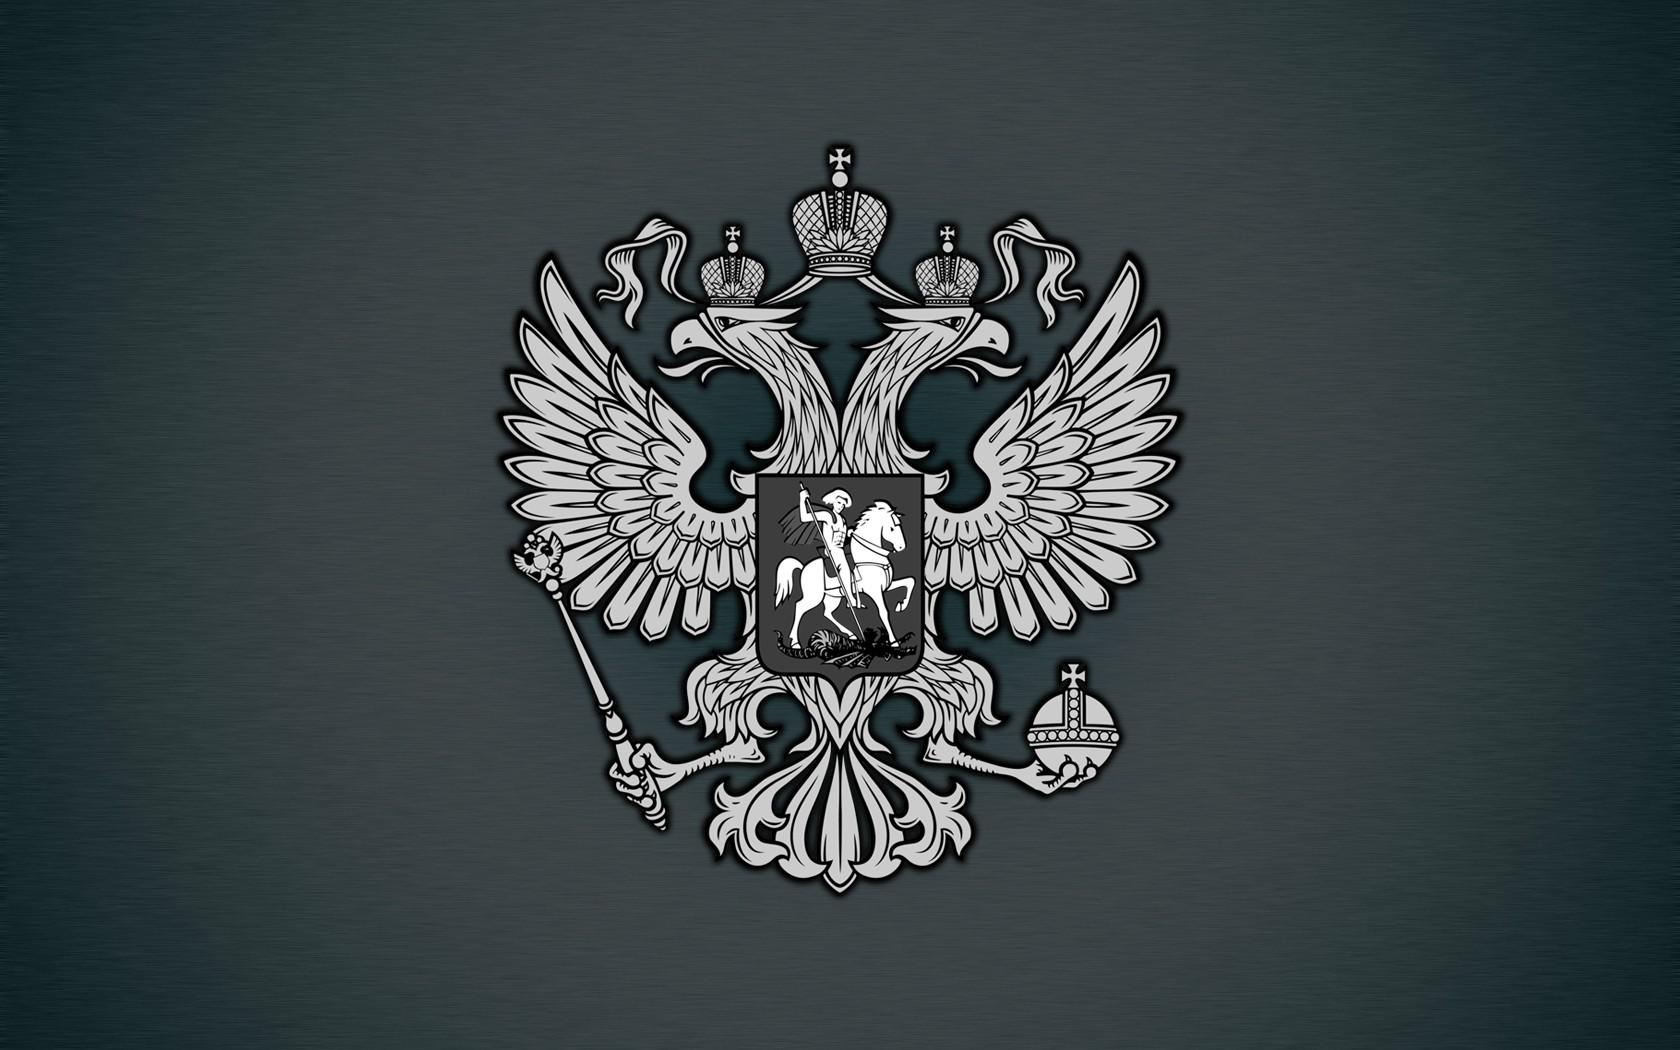 Обои на рабочий стол российский герб